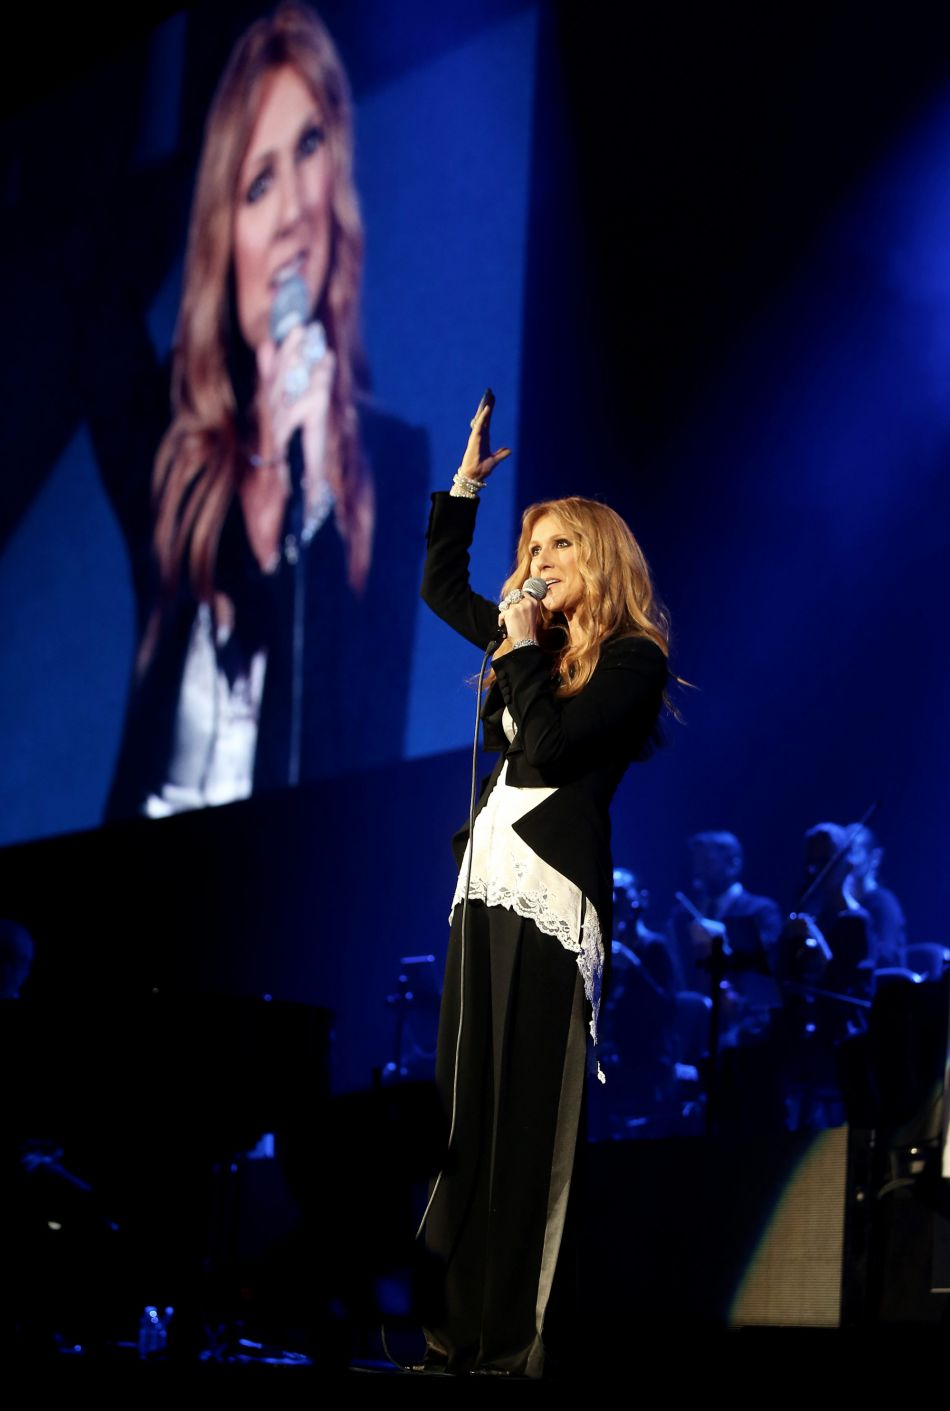 La chanteuse assure actuellement une série de concerts à l'AccorHotels Arena de Paris jusqu'au 9 juillet.